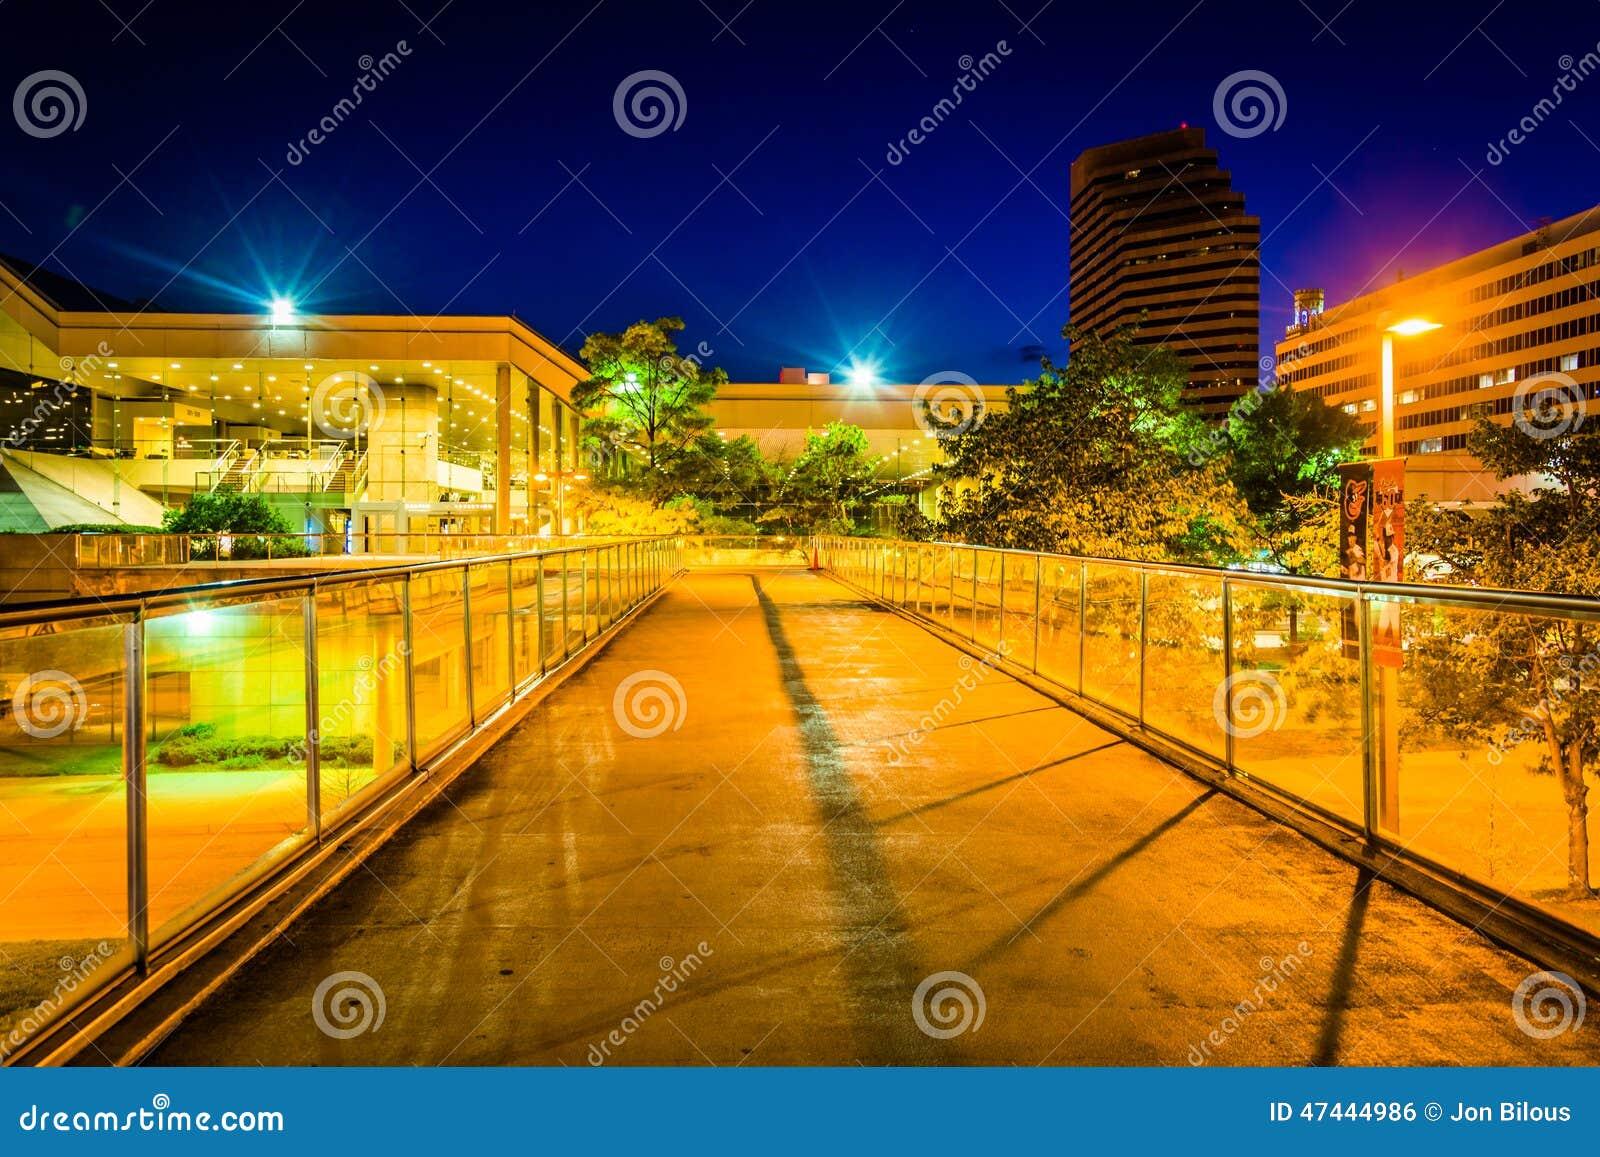 Podwyższony przejście i convention center przy nocą w Baltimore